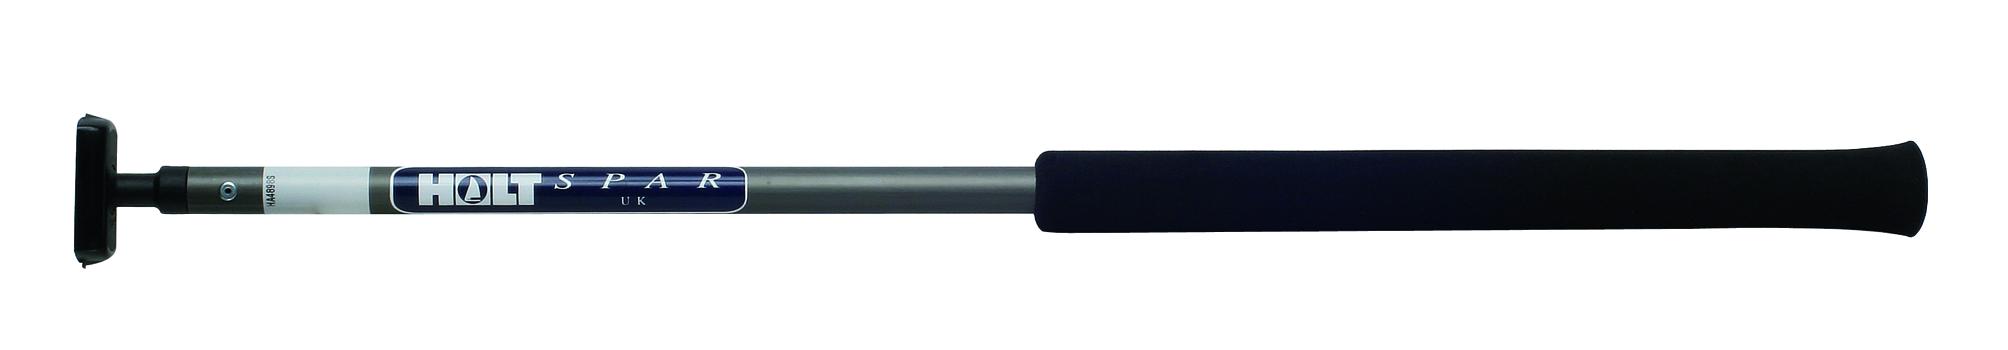 Rorkultsförlängare svart 915 mm